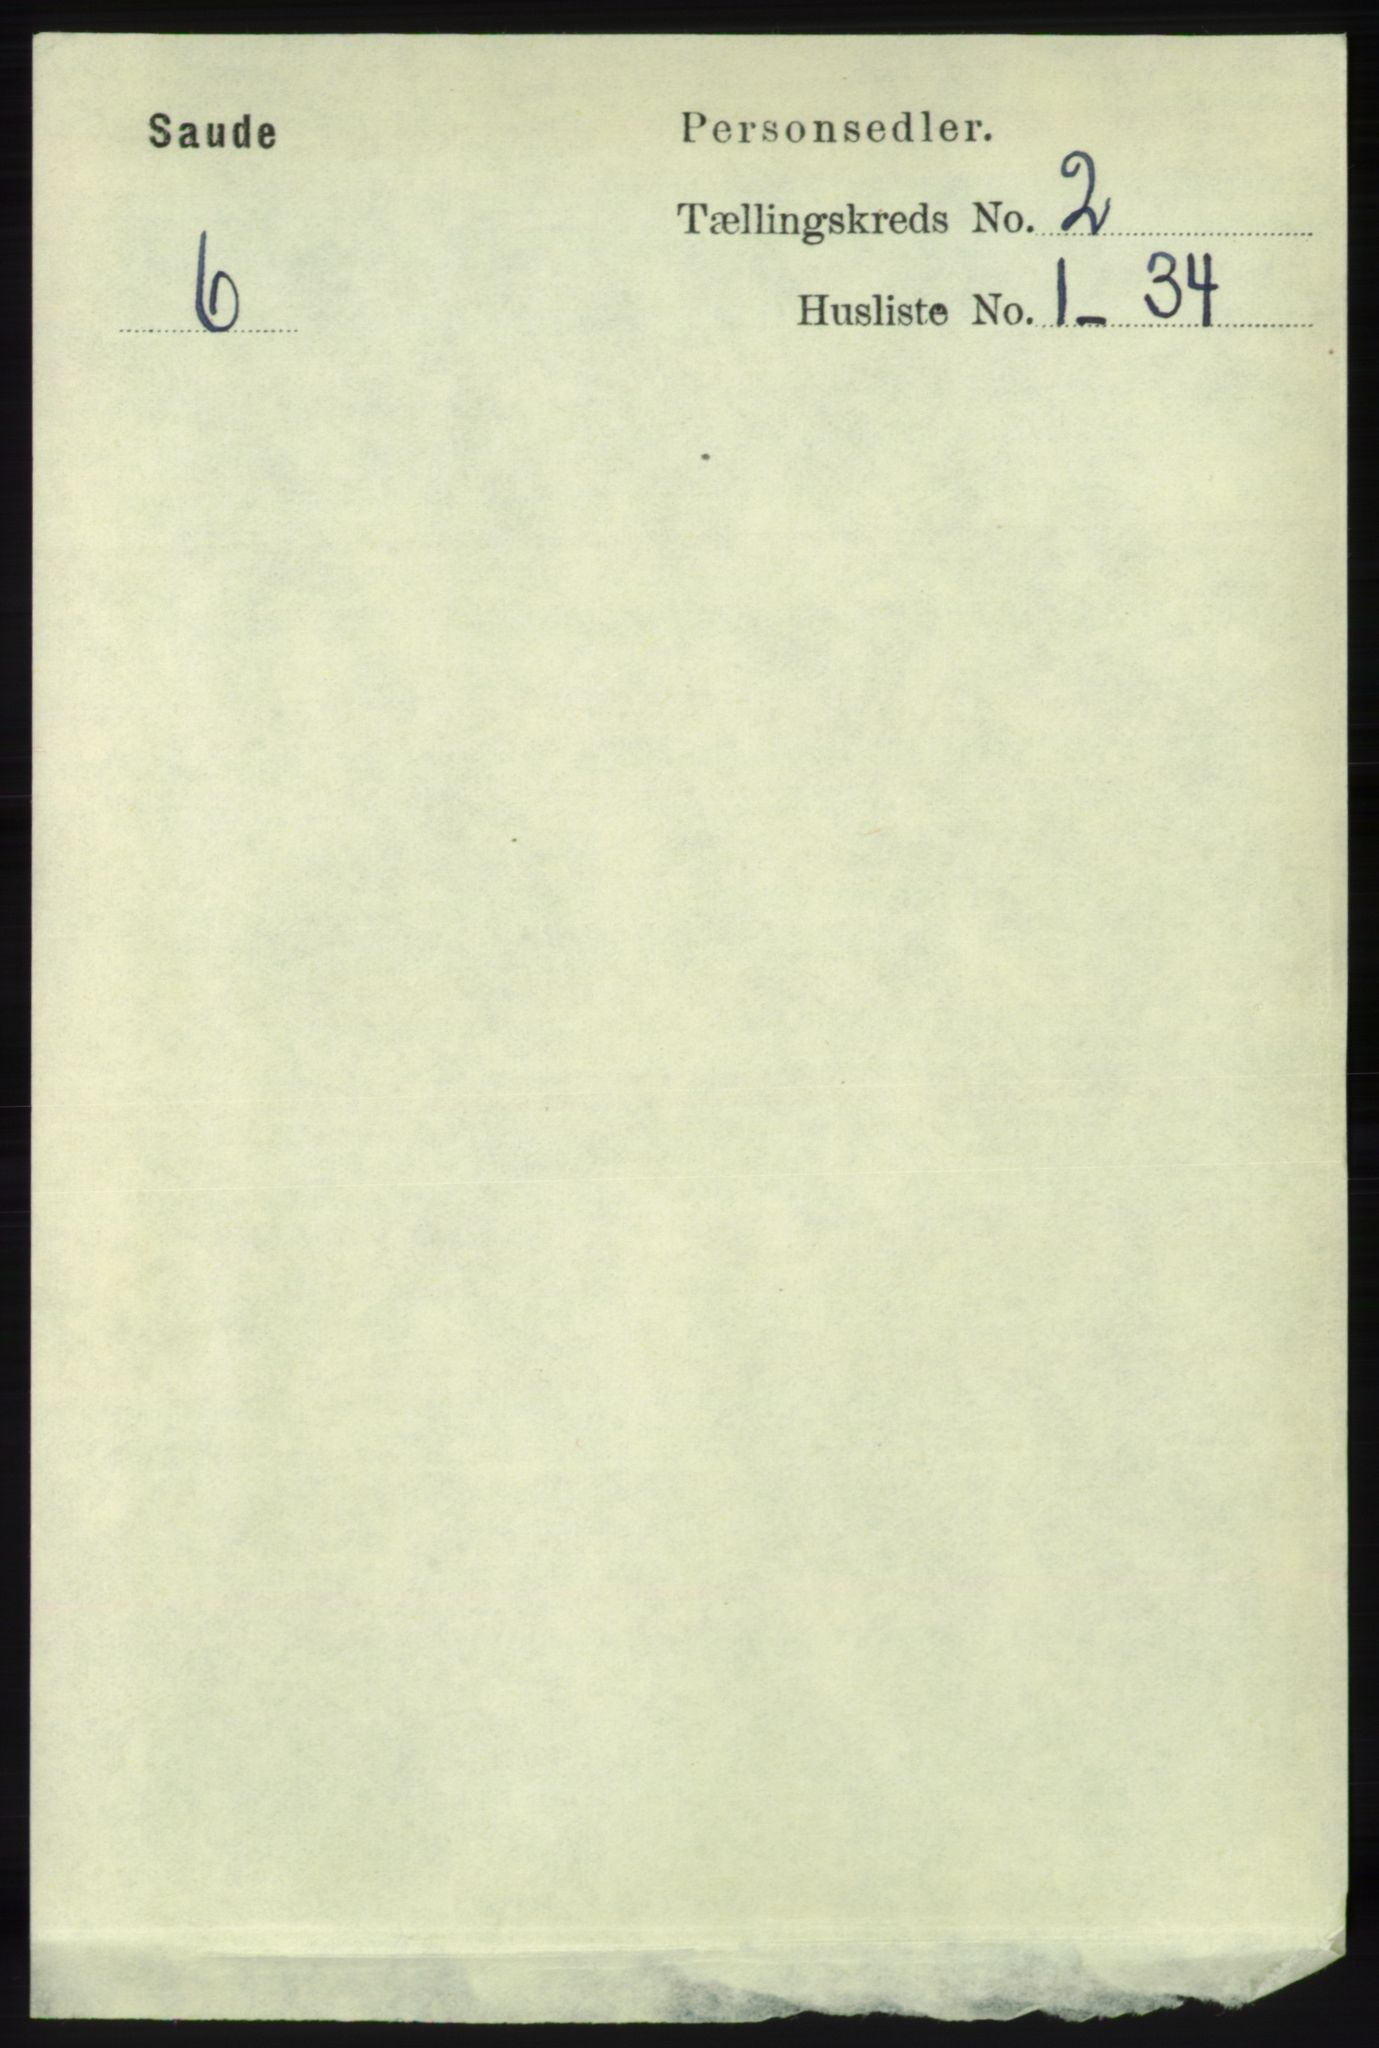 RA, Folketelling 1891 for 1135 Sauda herred, 1891, s. 622